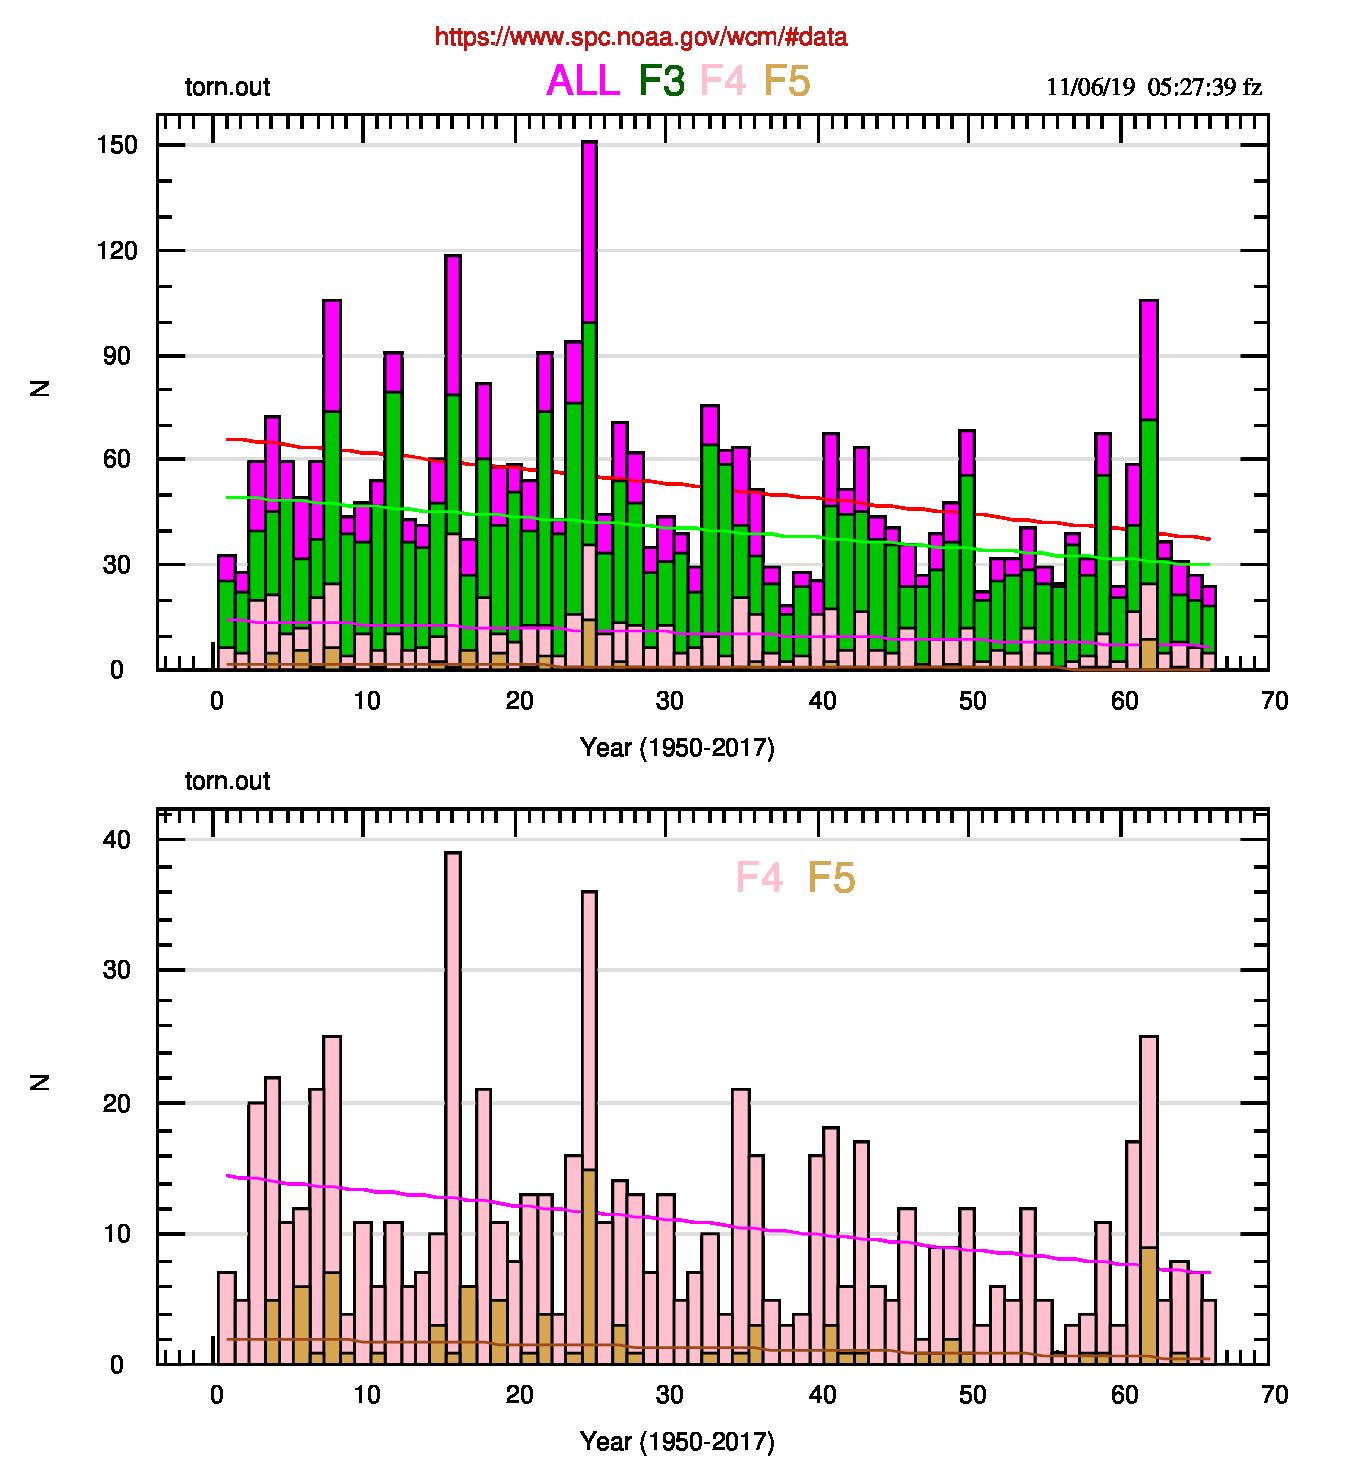 Fig.1: Istogrammi della frequenza di tornado negli USA: nel quadro superiore i tornado di categoria F3, F4, F5 e la loro somma (All). Nel quadro inferiore solo i tornado di categoria F4 e F5. Sono anche riportate le rette di regressione delle singole distribuzioni.